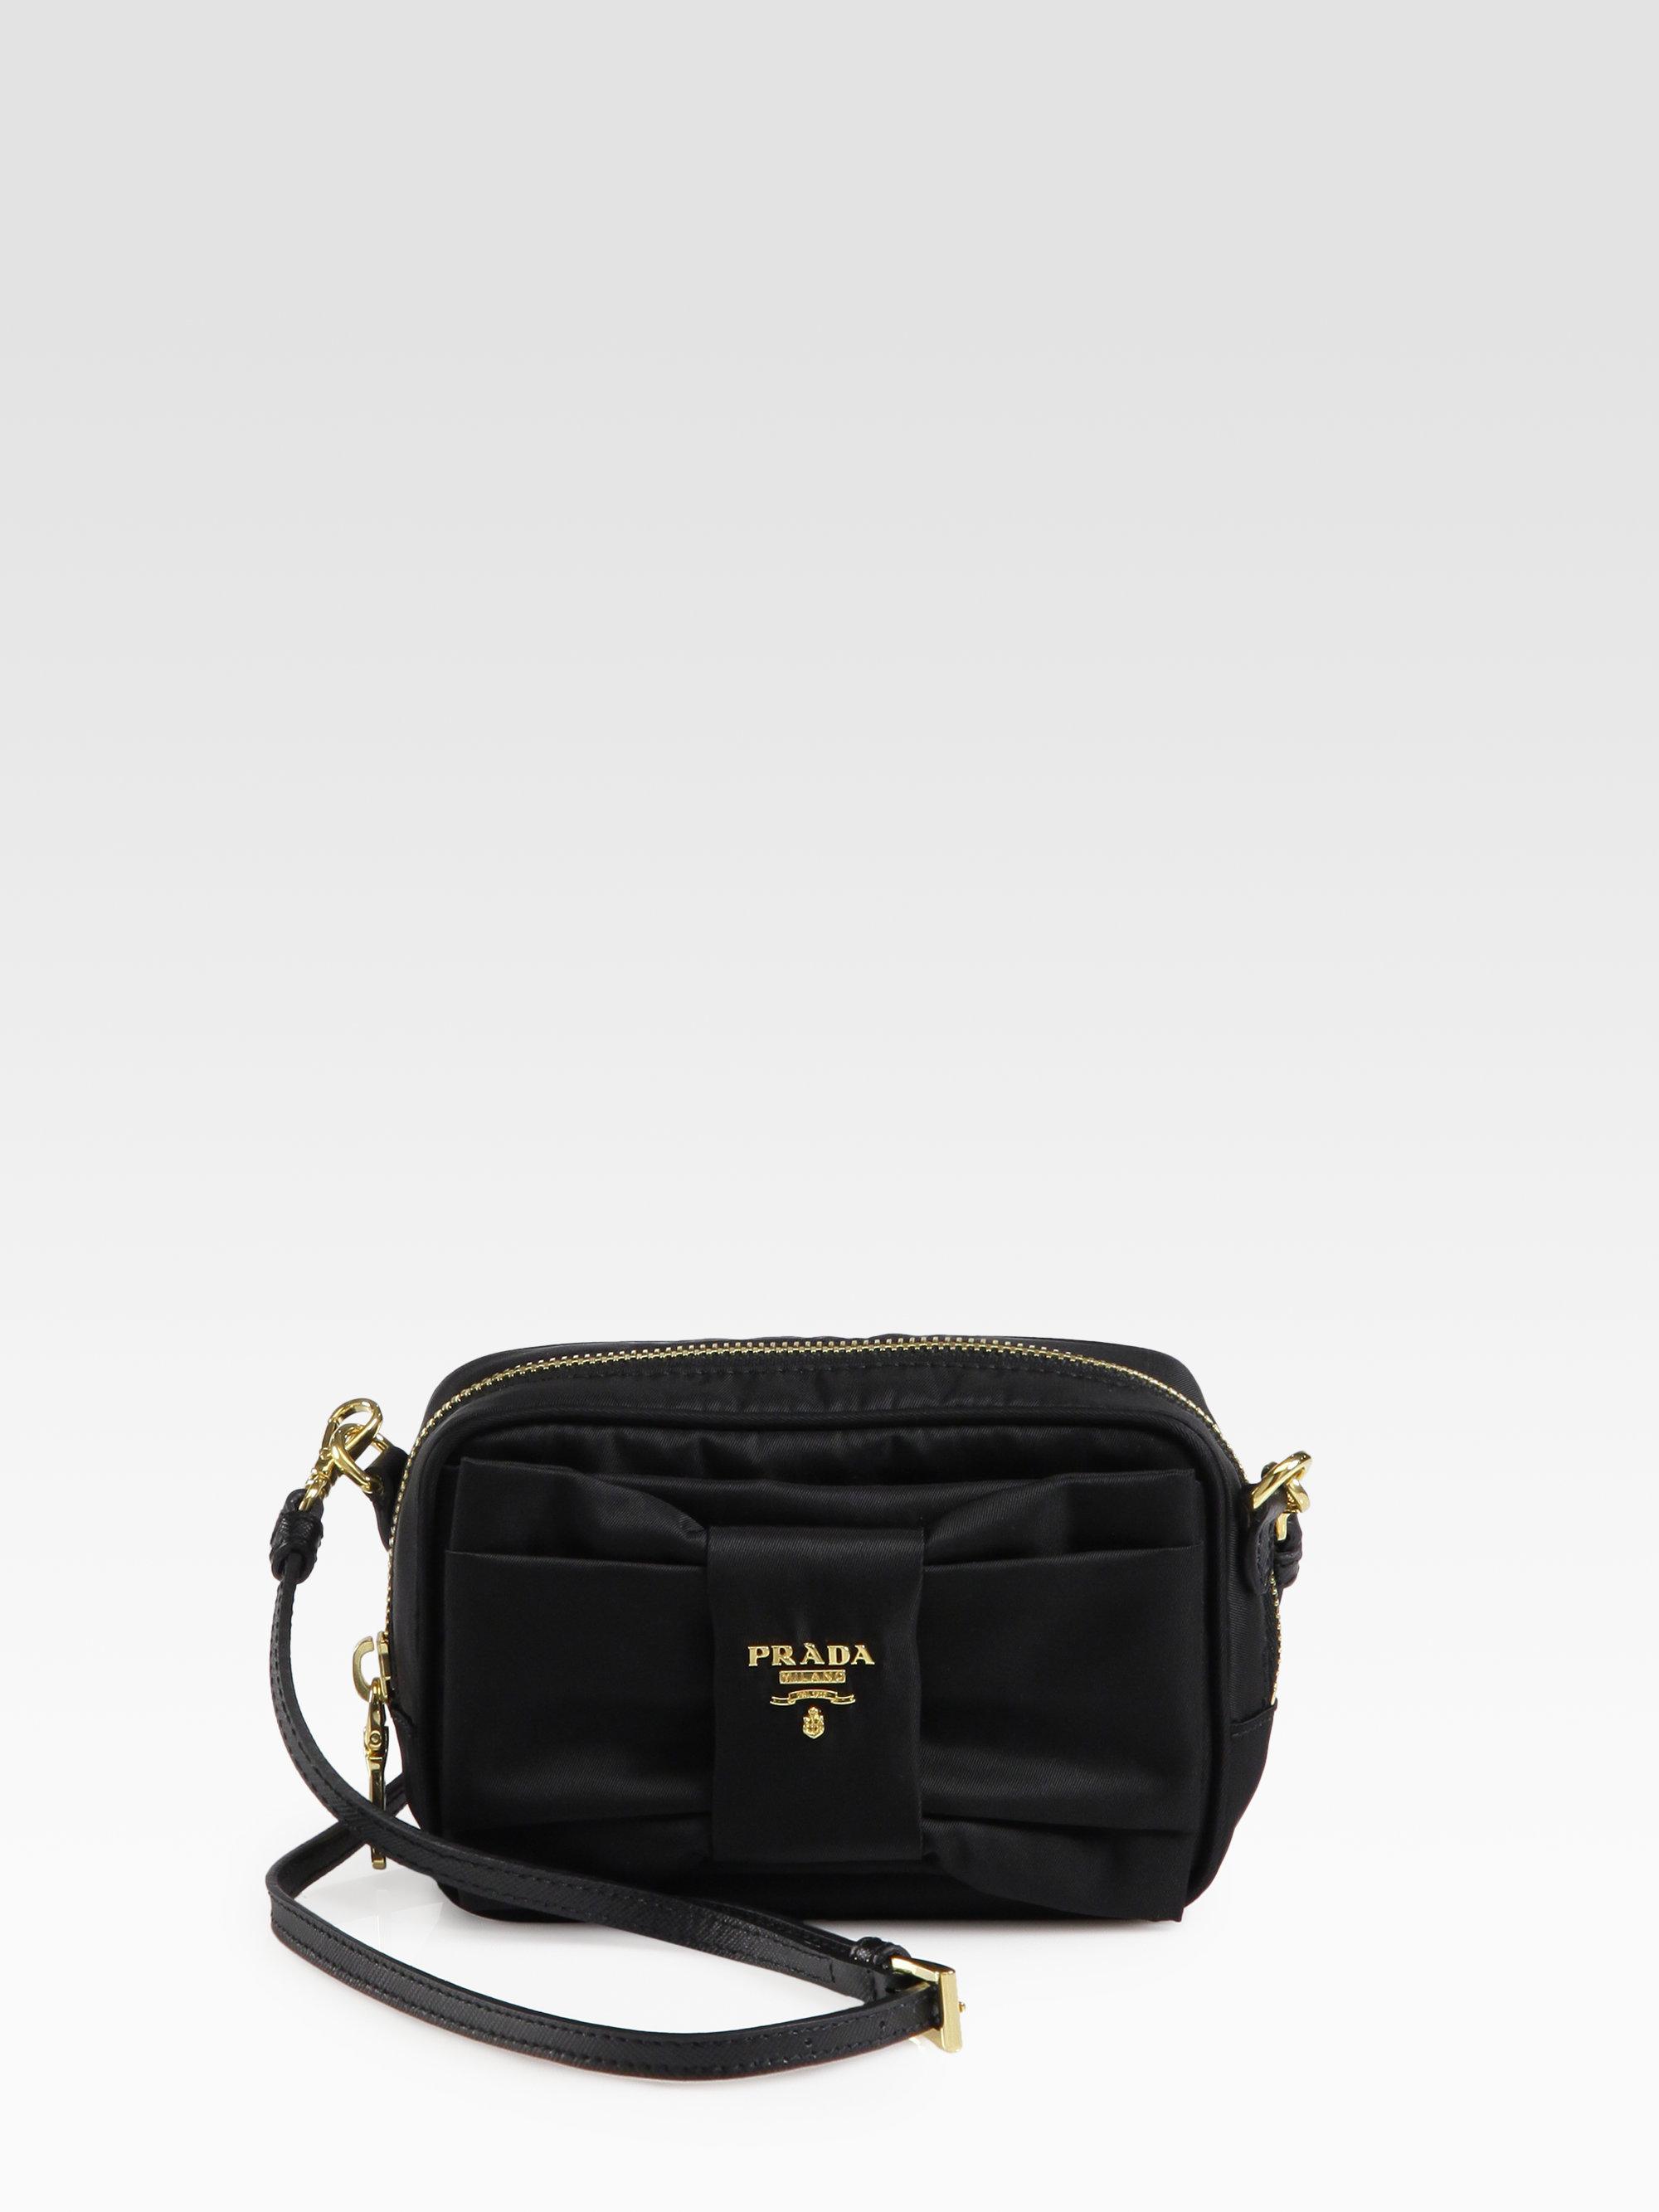 34bd6a5a72 Lyst - Prada Tessuto Bow-Detail Cross-Body Bag in Black